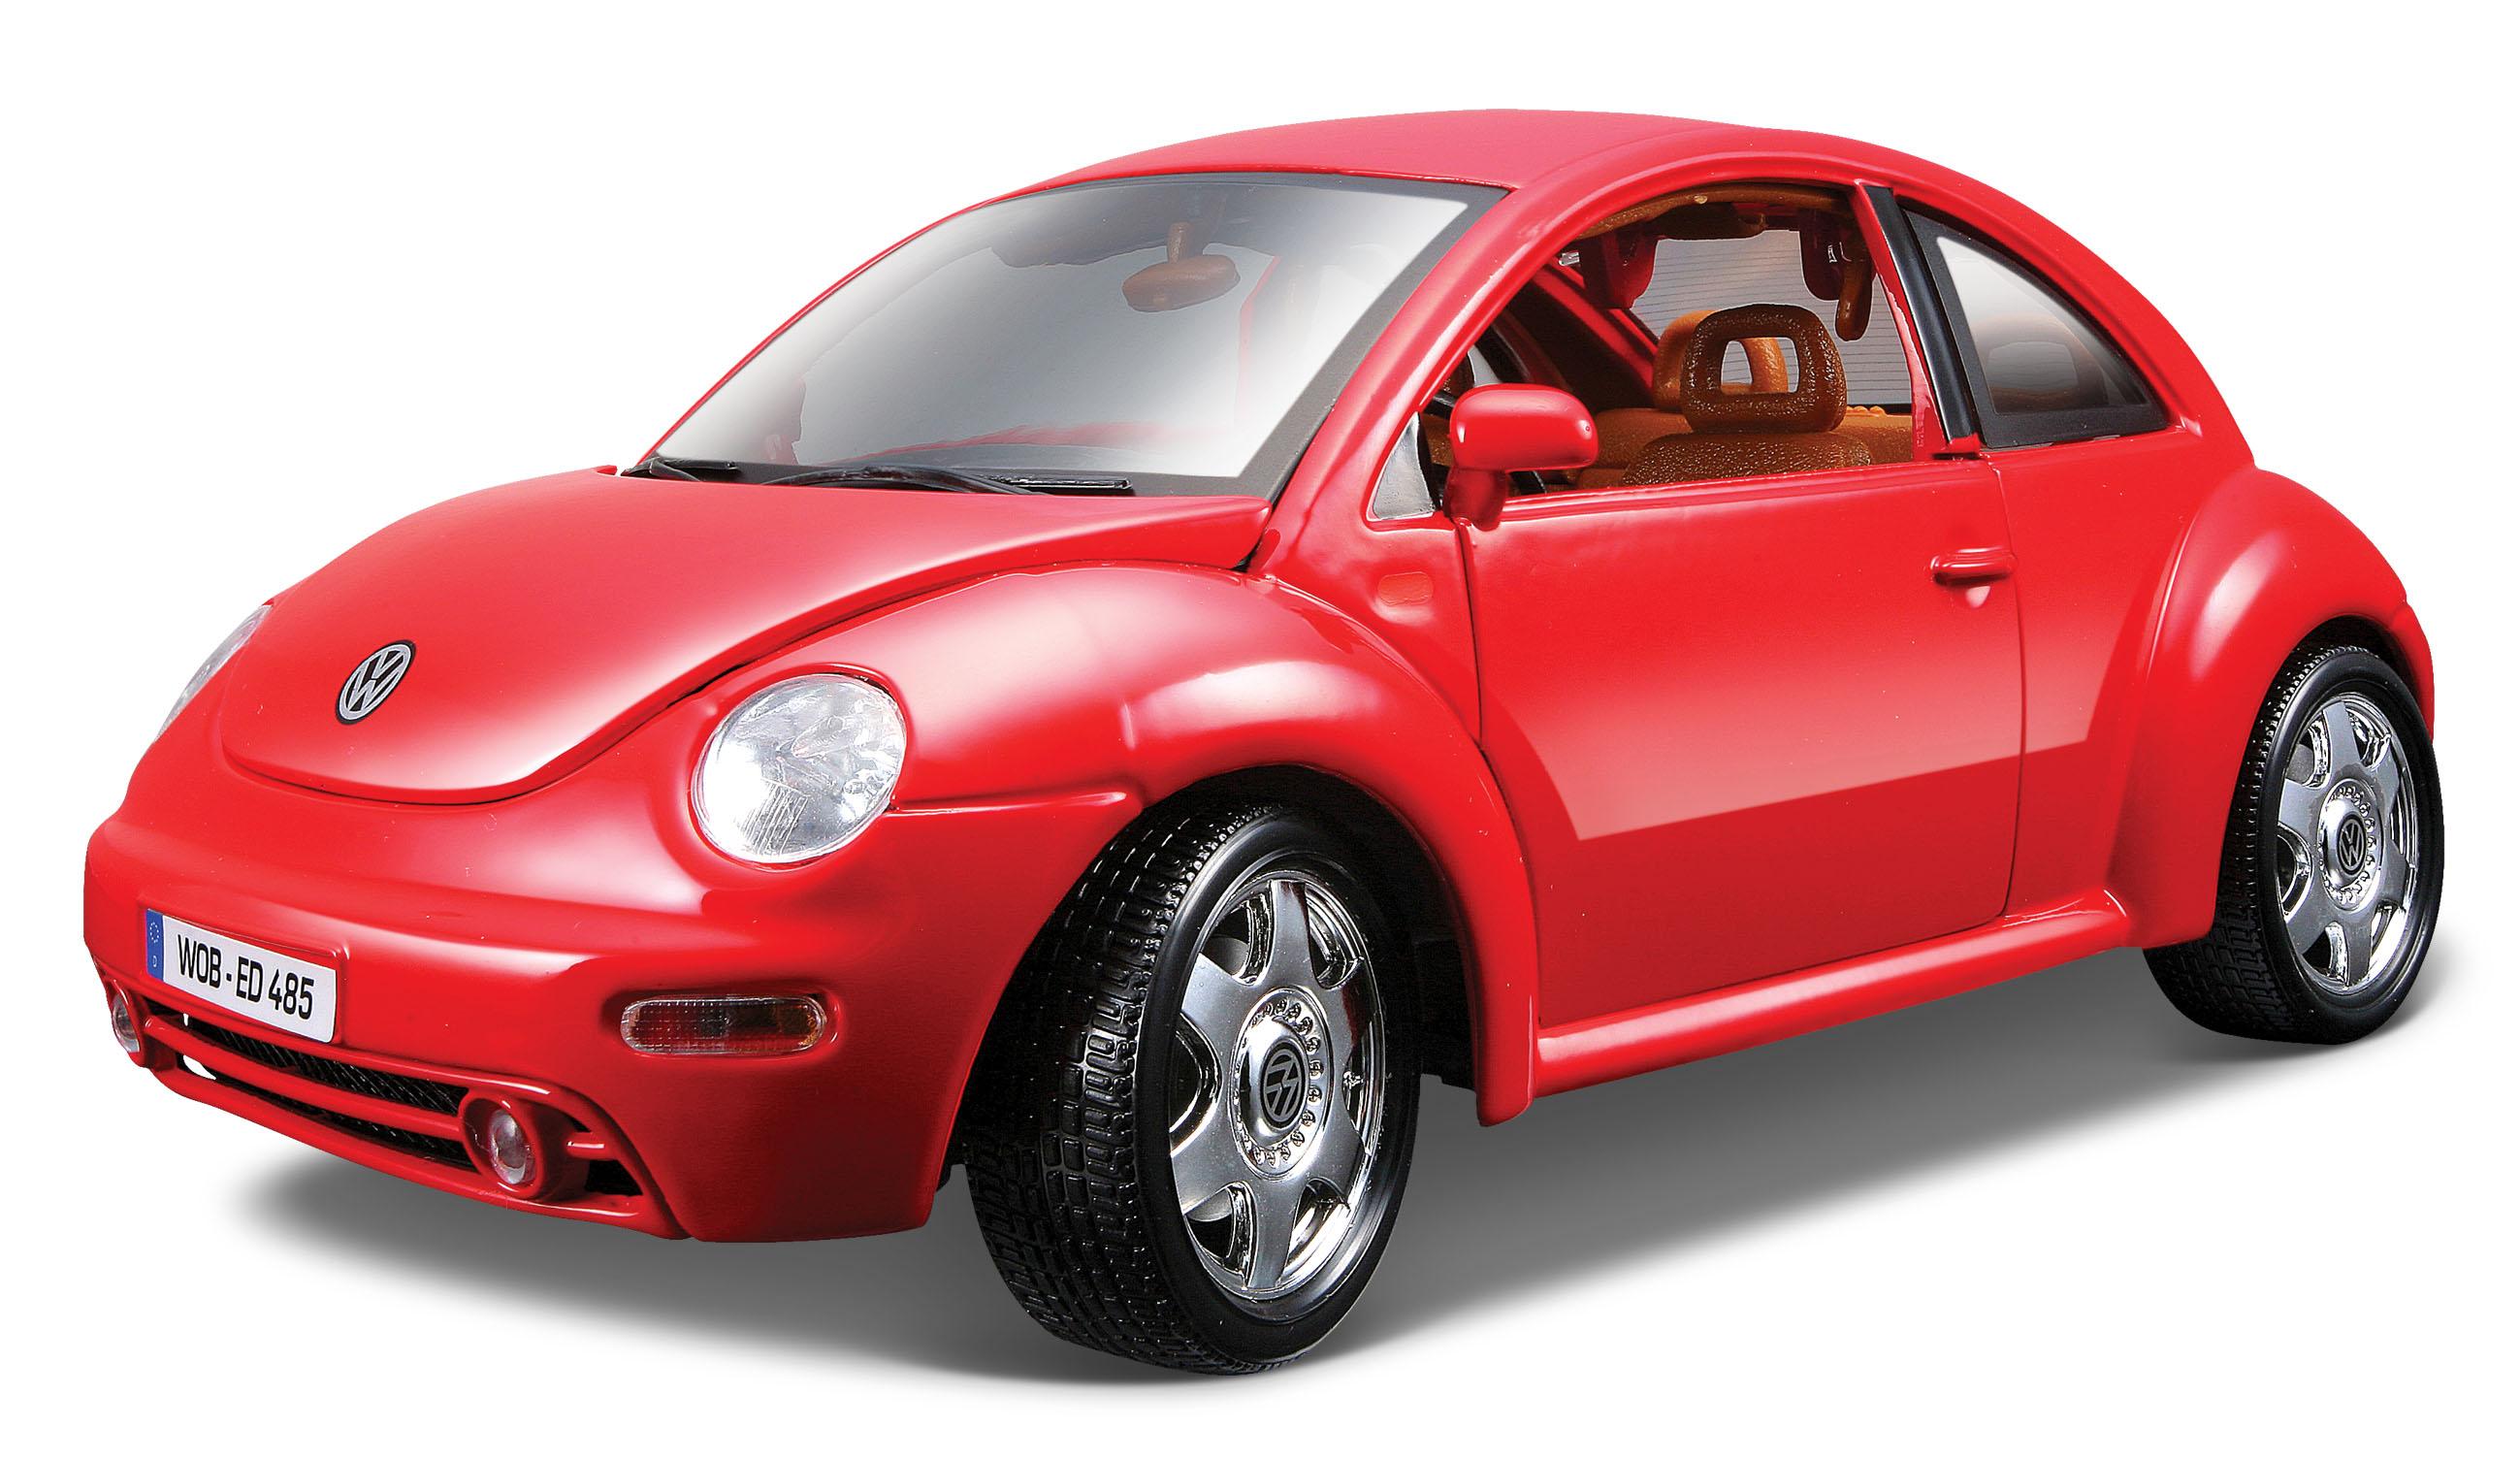 burago 18 12021re vw new beetle 1998 red. Black Bedroom Furniture Sets. Home Design Ideas